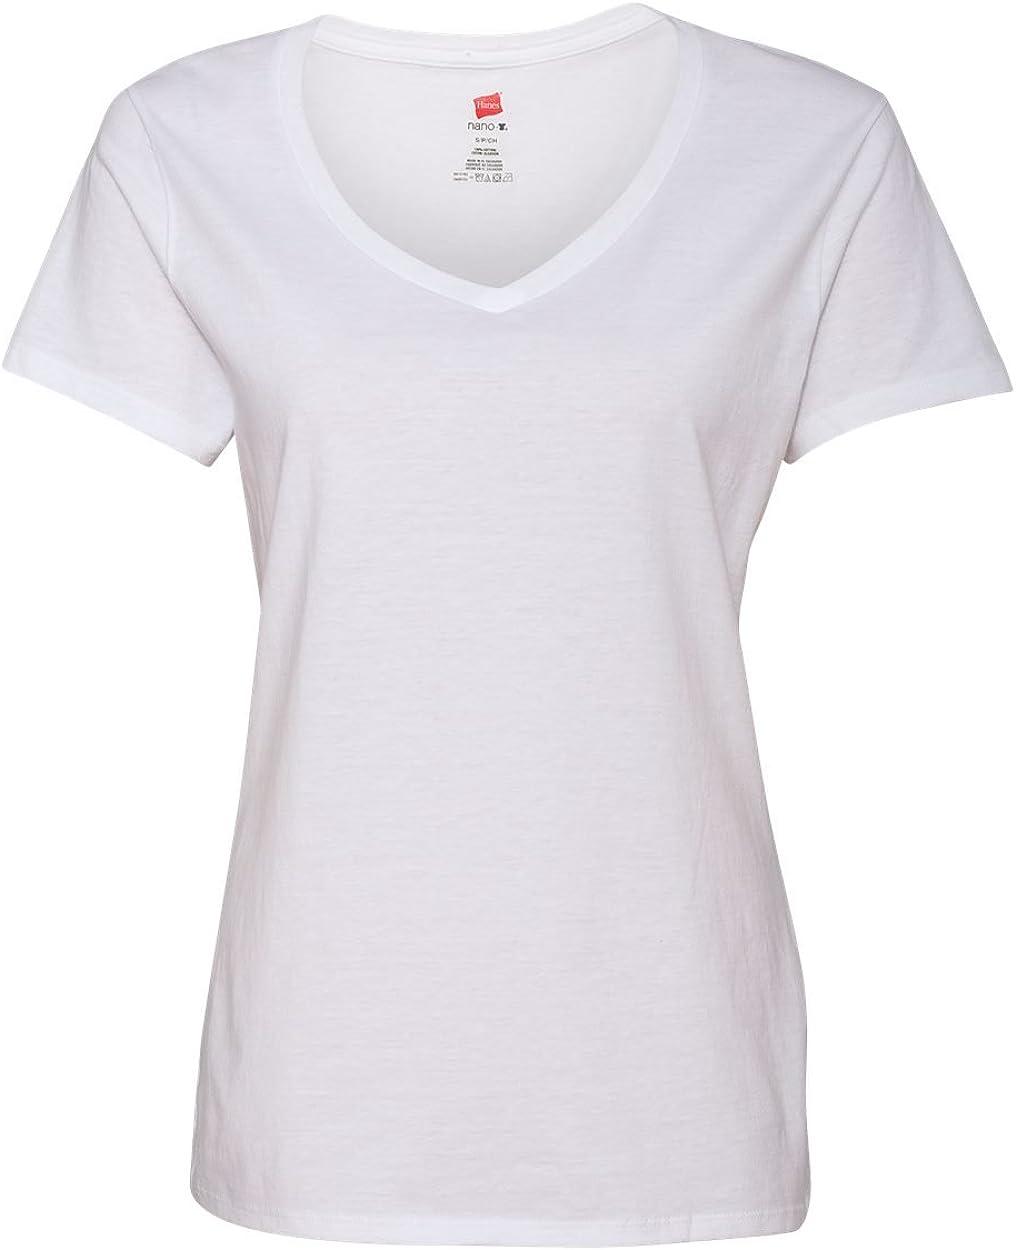 Hanes Womens 4.5 oz. 100% Ringspun Cotton Nano-T V-Neck T-Shirt(S04V)